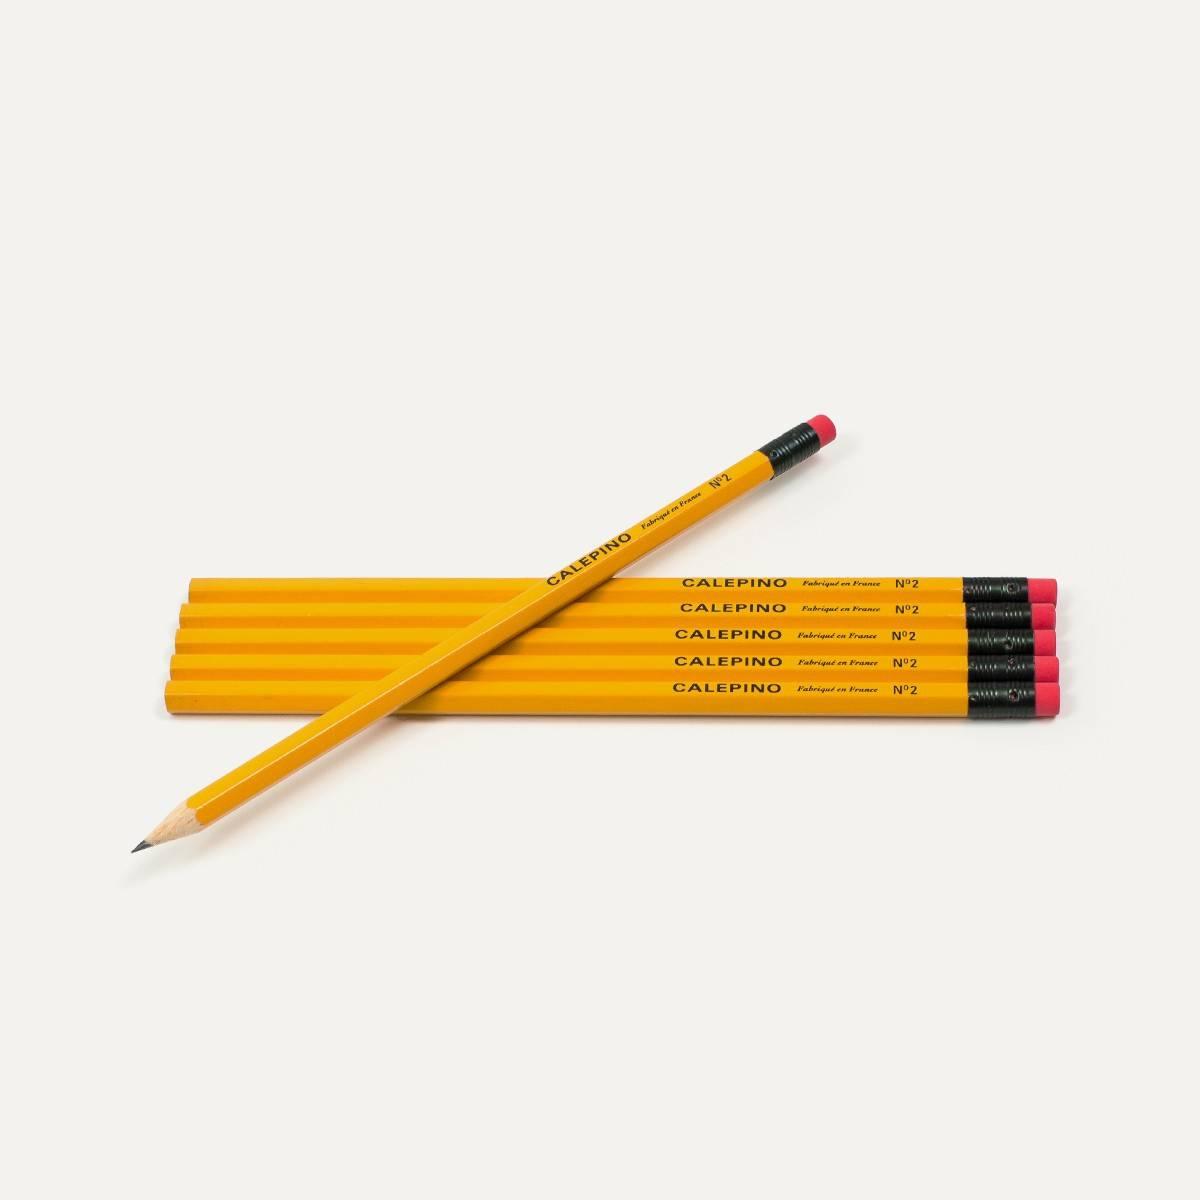 Crayon de Bois -  Set de 6 crayons (image n°1)